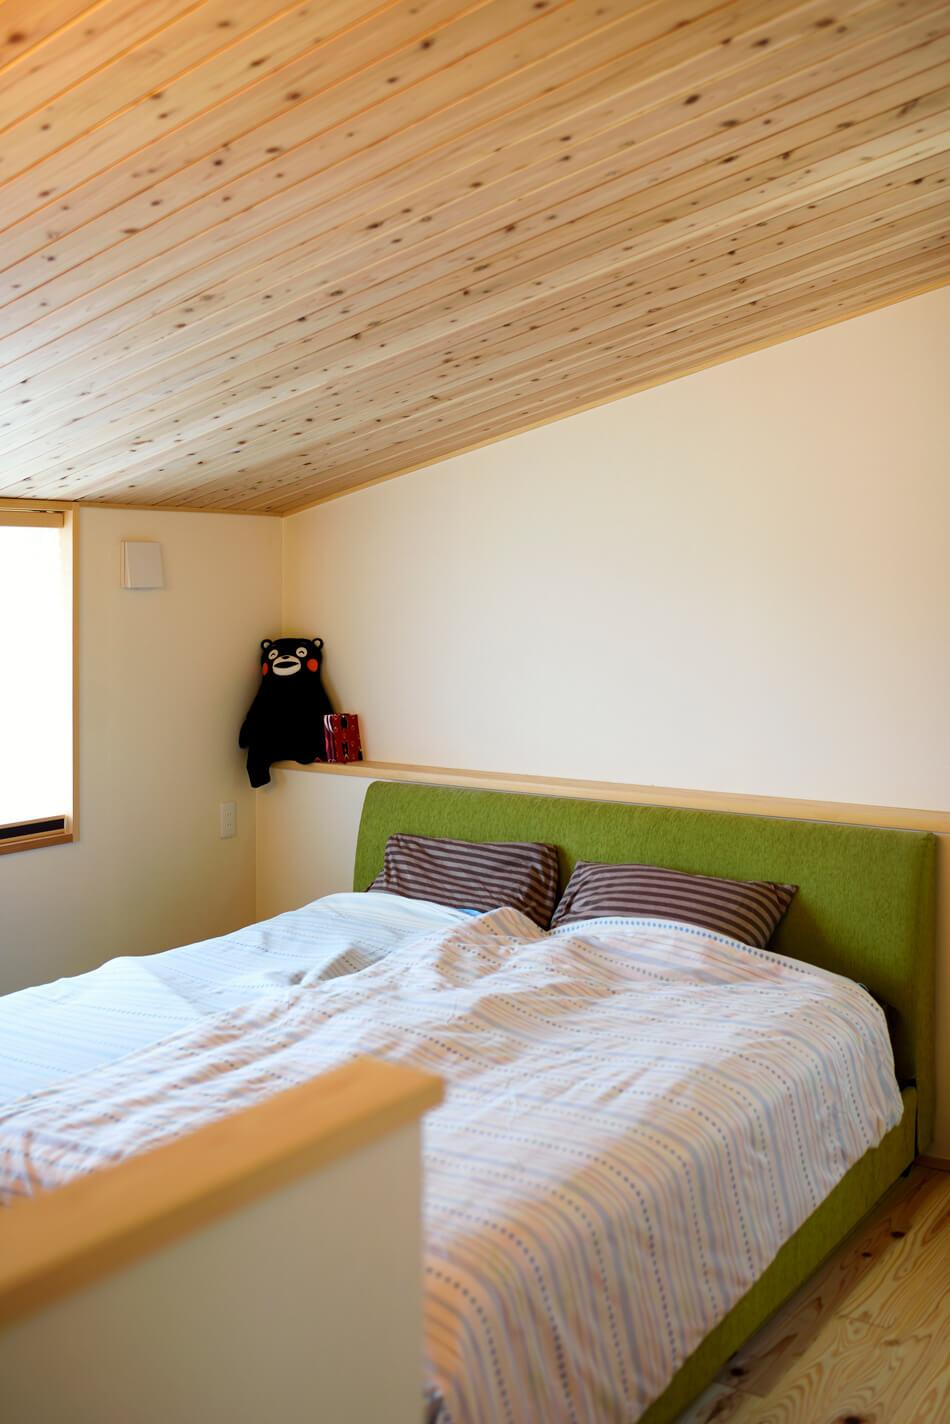 木の家|熊本の新築建築事例|2階建|4LDK|寝室|エコワークス|CASE-19|内観08